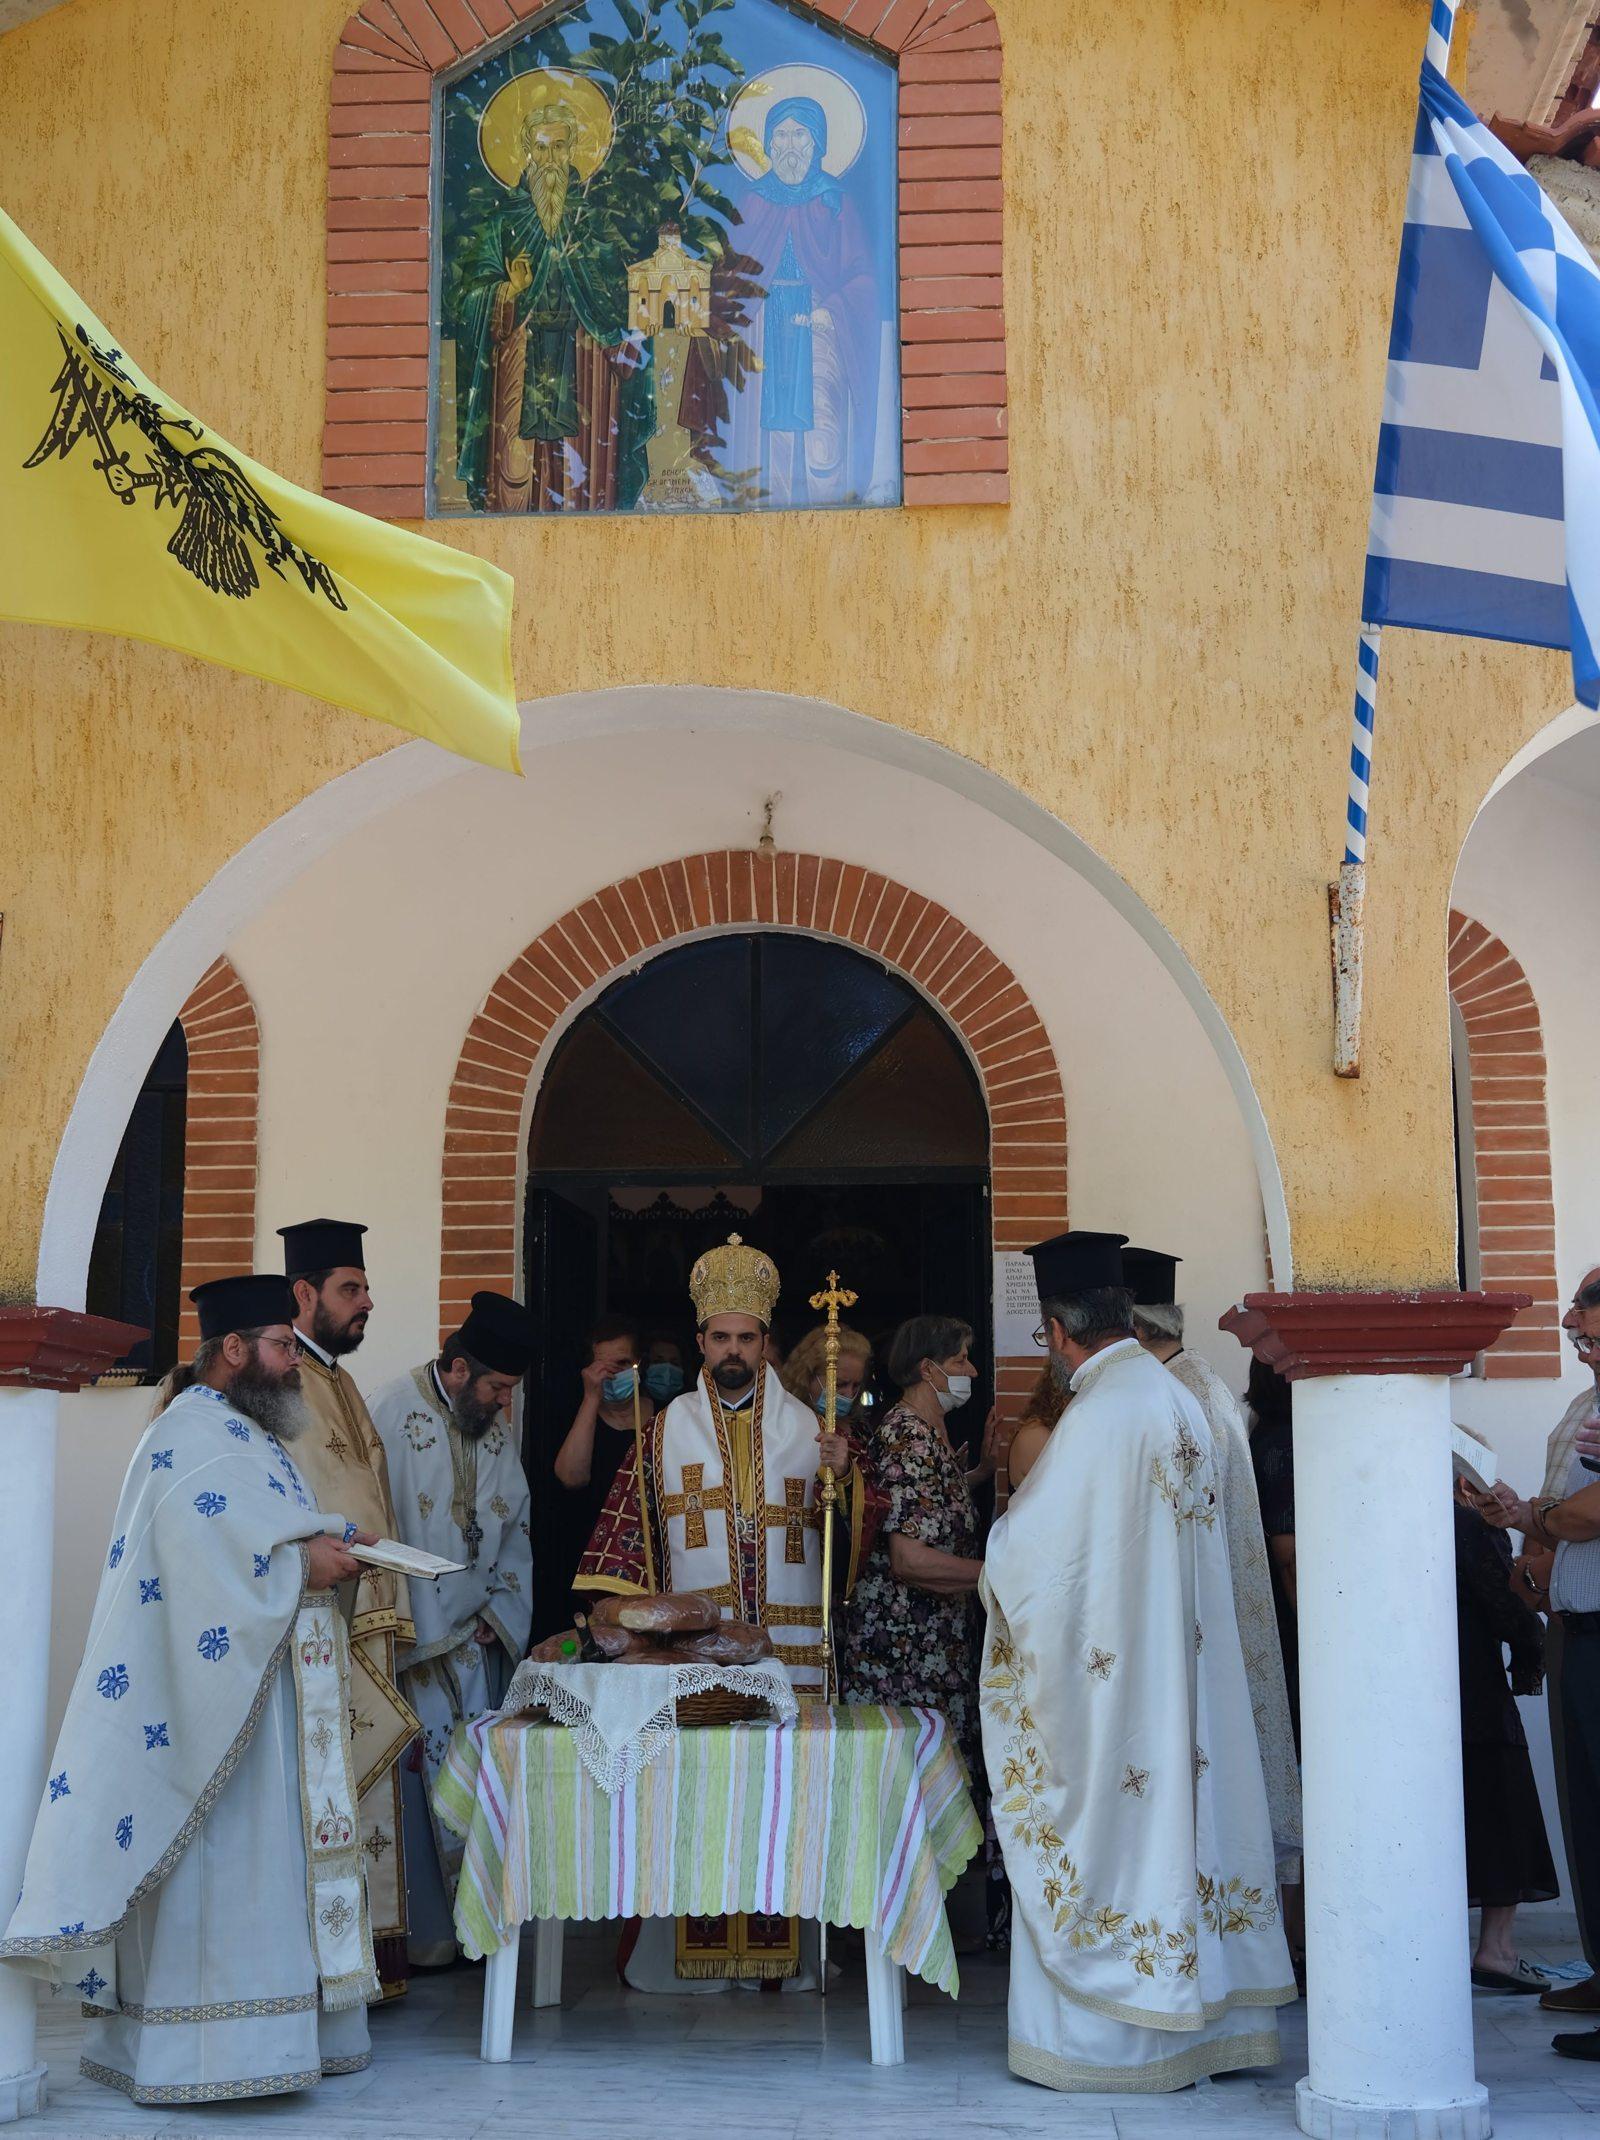 DSCF7434  - Ο Επίσκοπος Μελιτηνής στην Ι. Μονή Παναγίας Πελεκητής